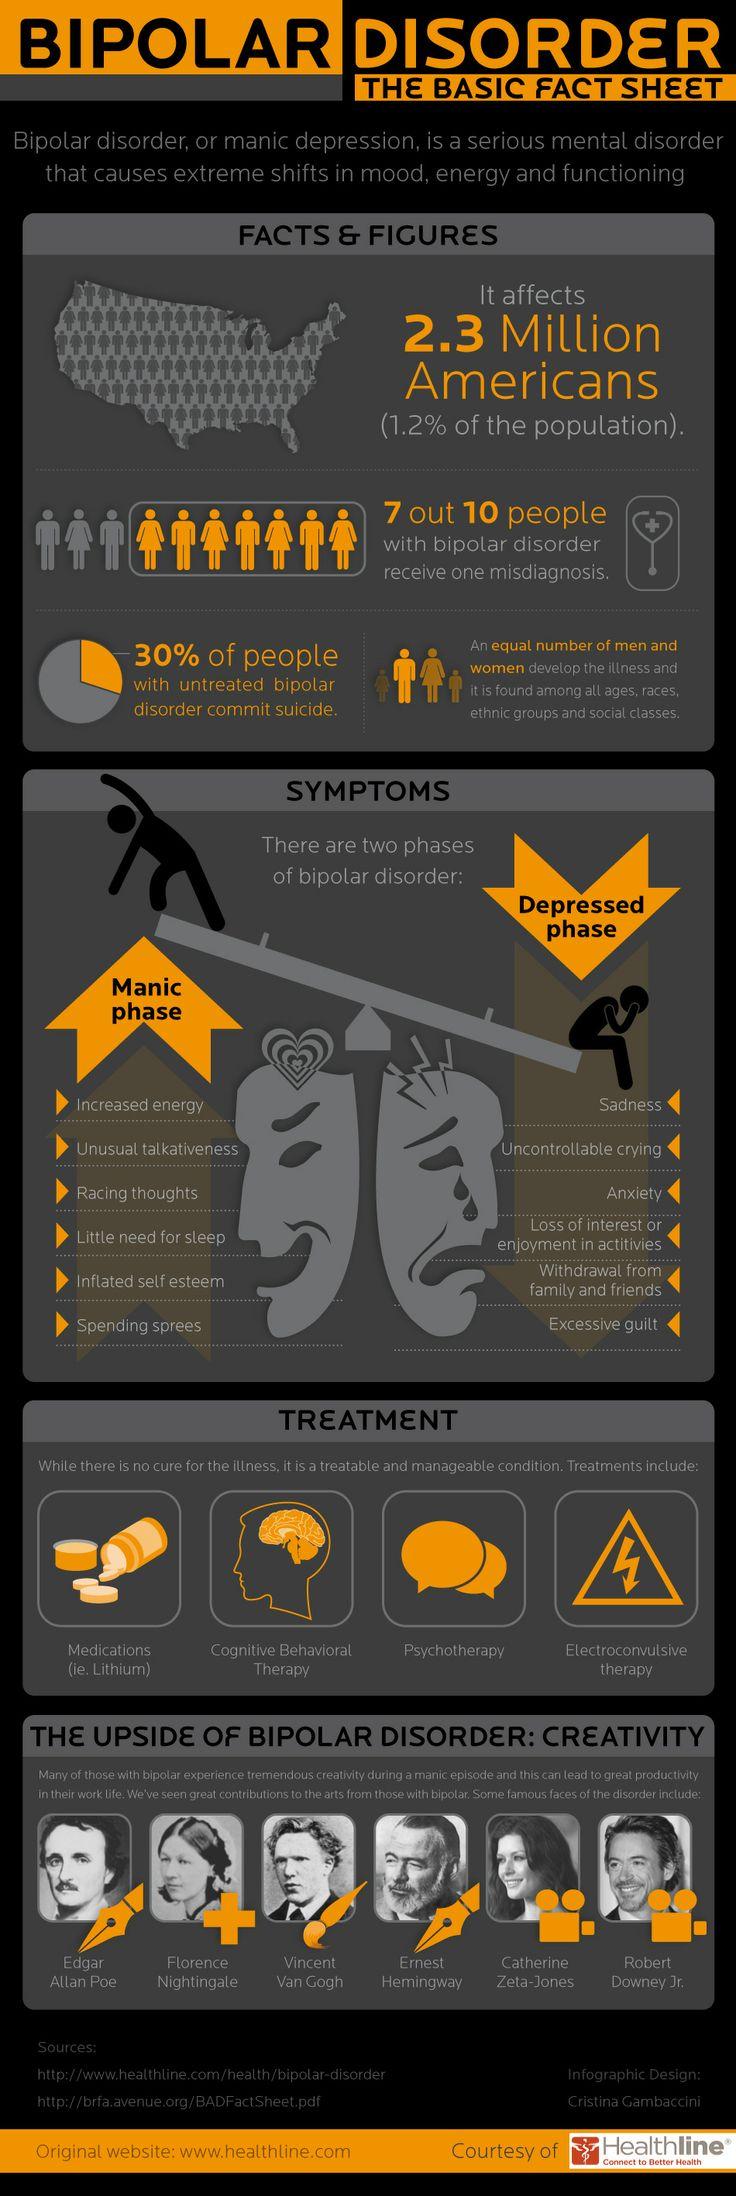 Bipolar Disorder Fact Sheet